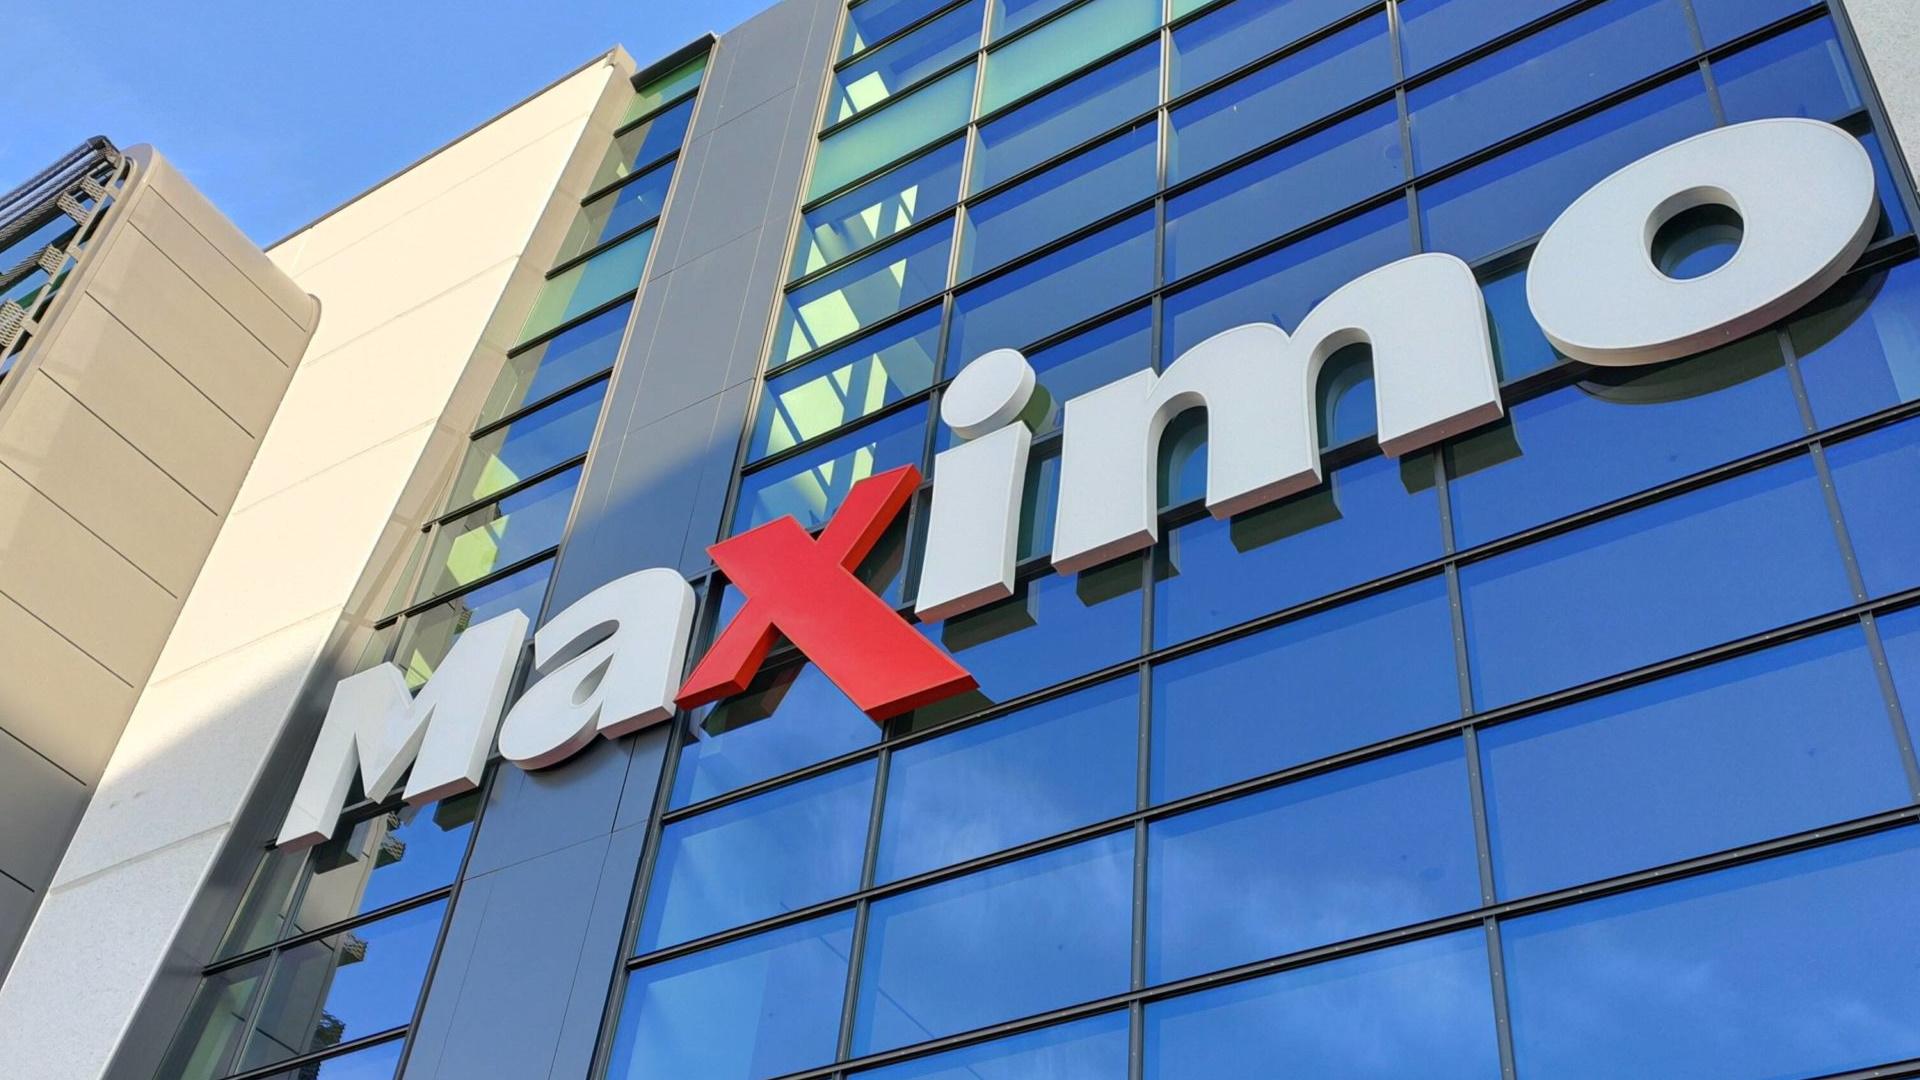 Maximo Shopping Center